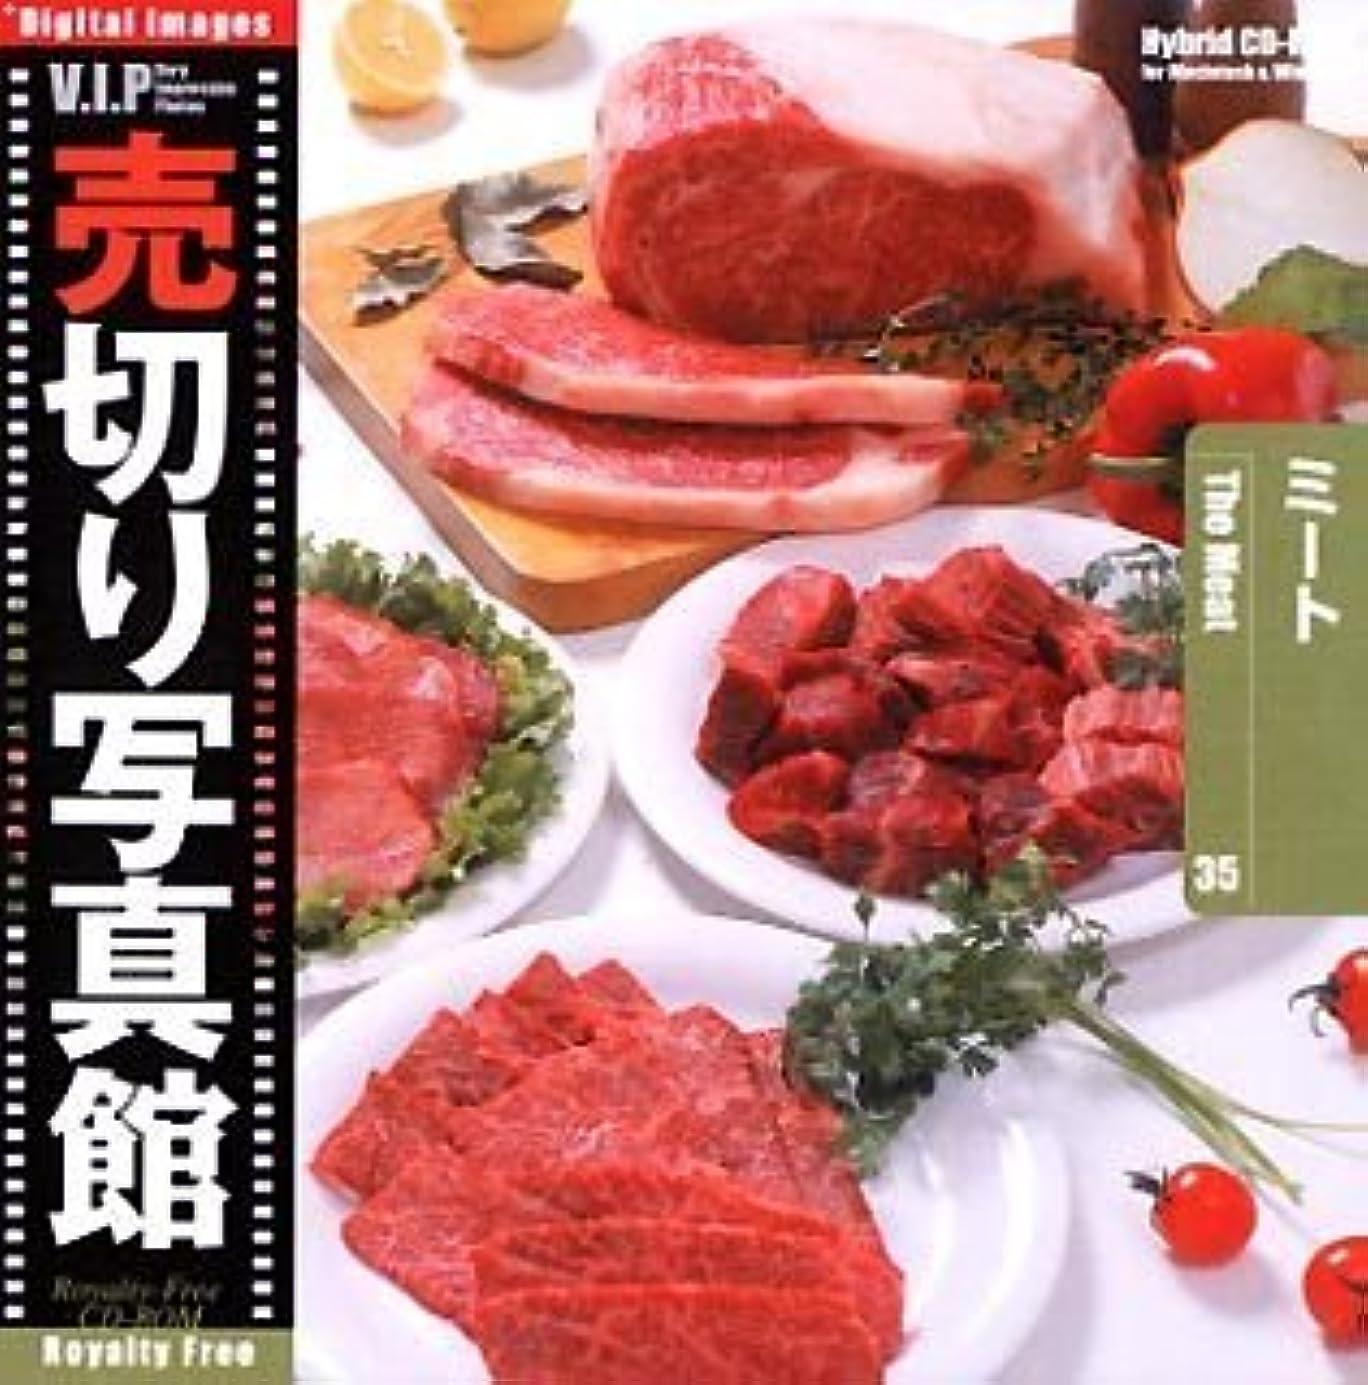 憤る食事不格好売切り写真館 VIPシリーズ Vol.35 ミート